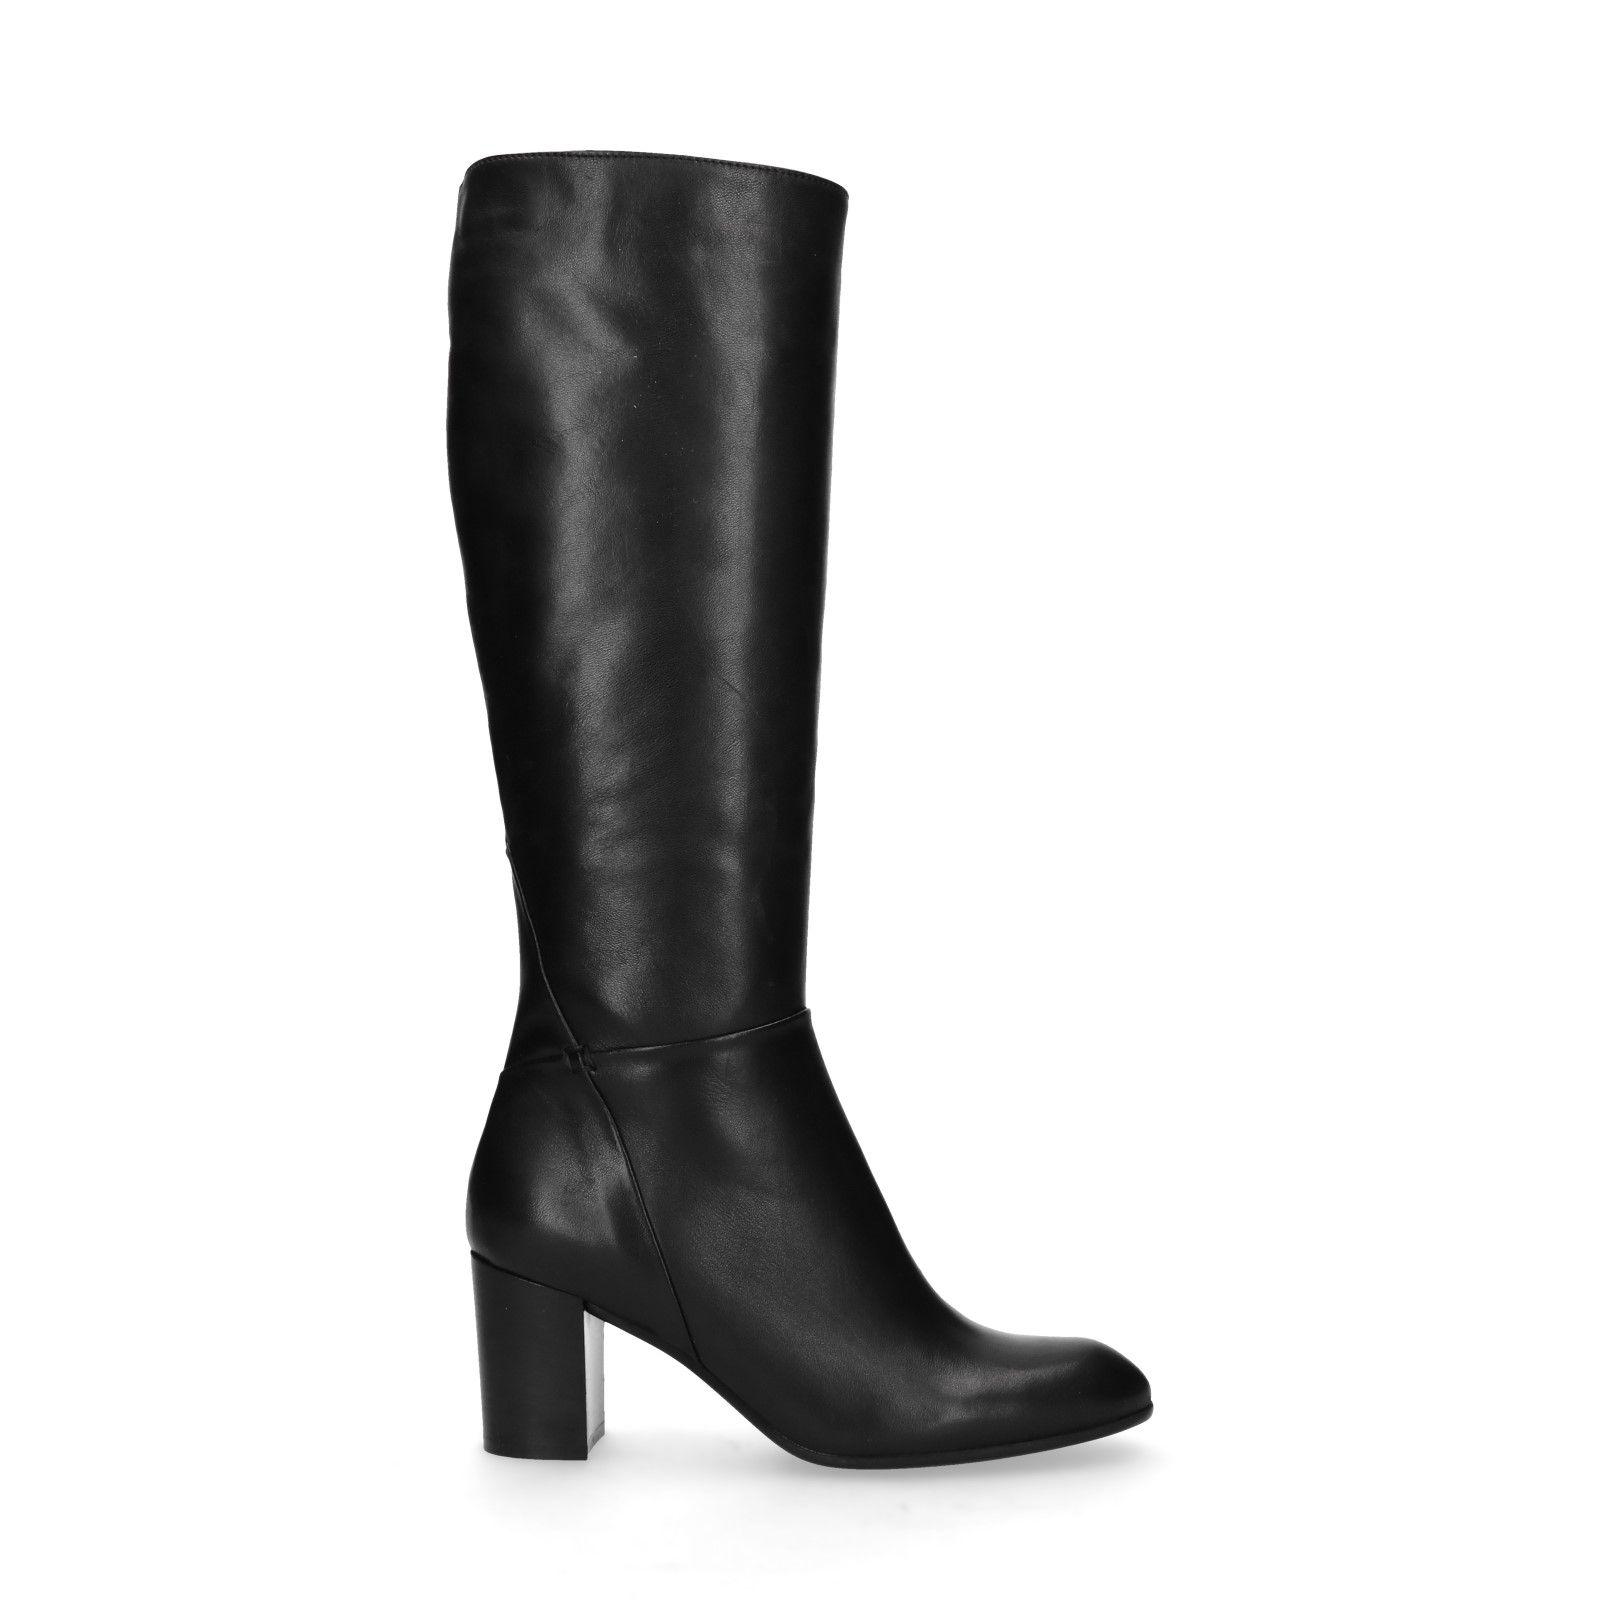 Zwarte leren hoge laarzen met hak Dames   MANFIELD